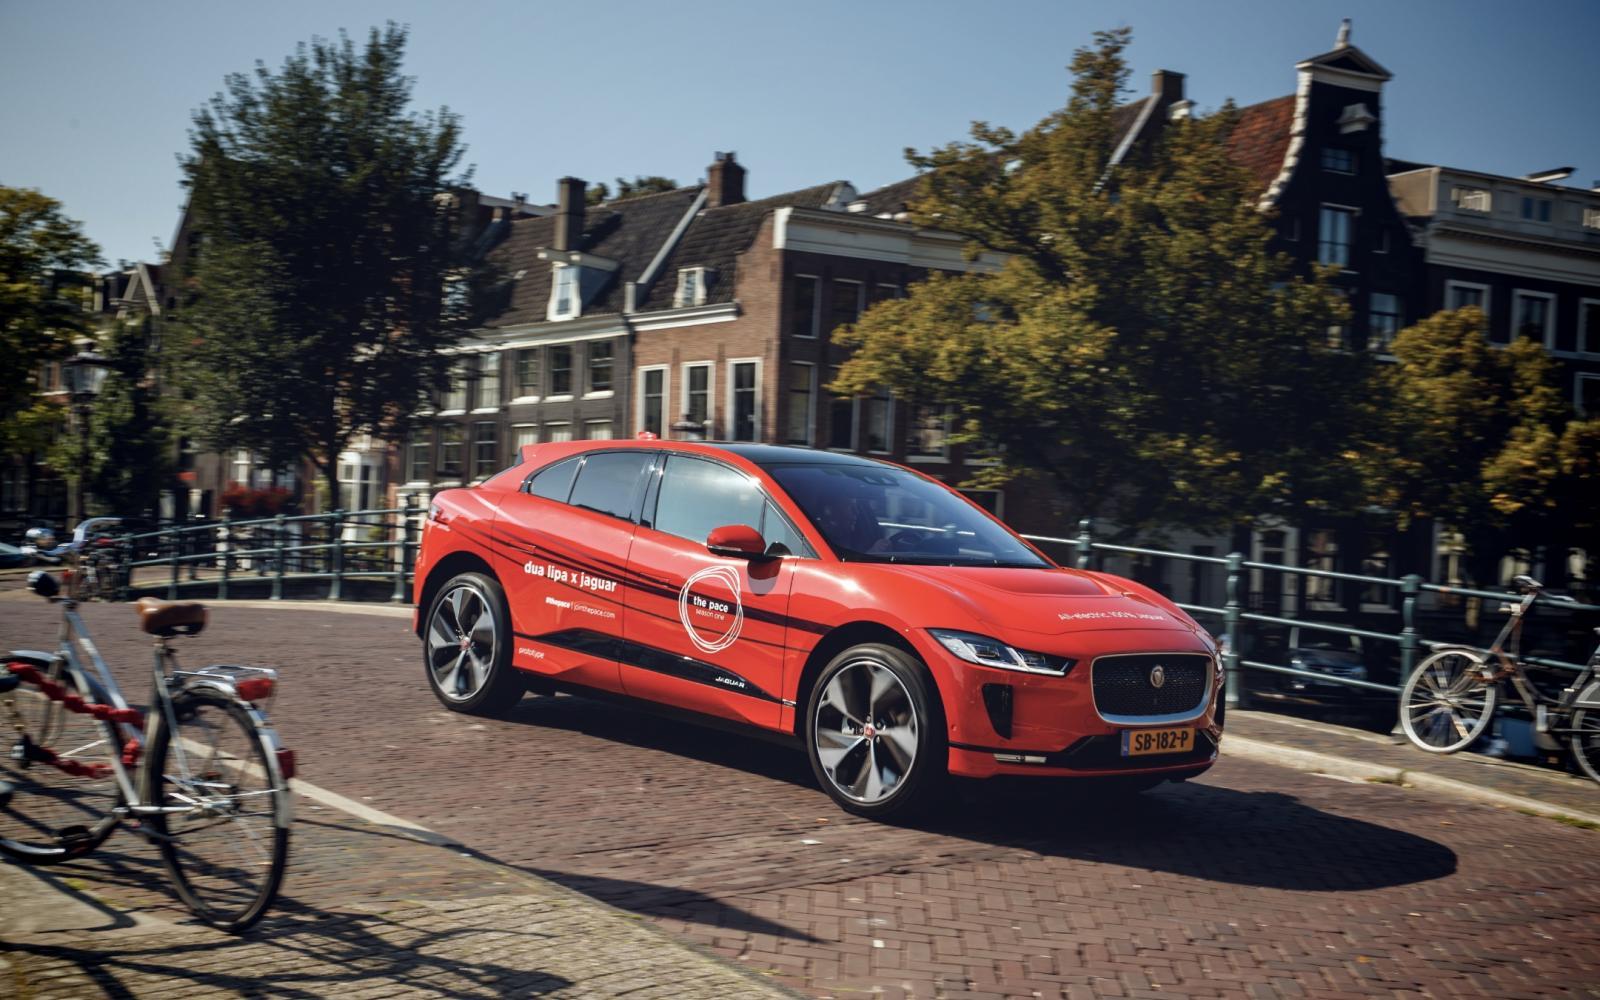 Brokkenpiloten maken verzekering elektrische auto duurder